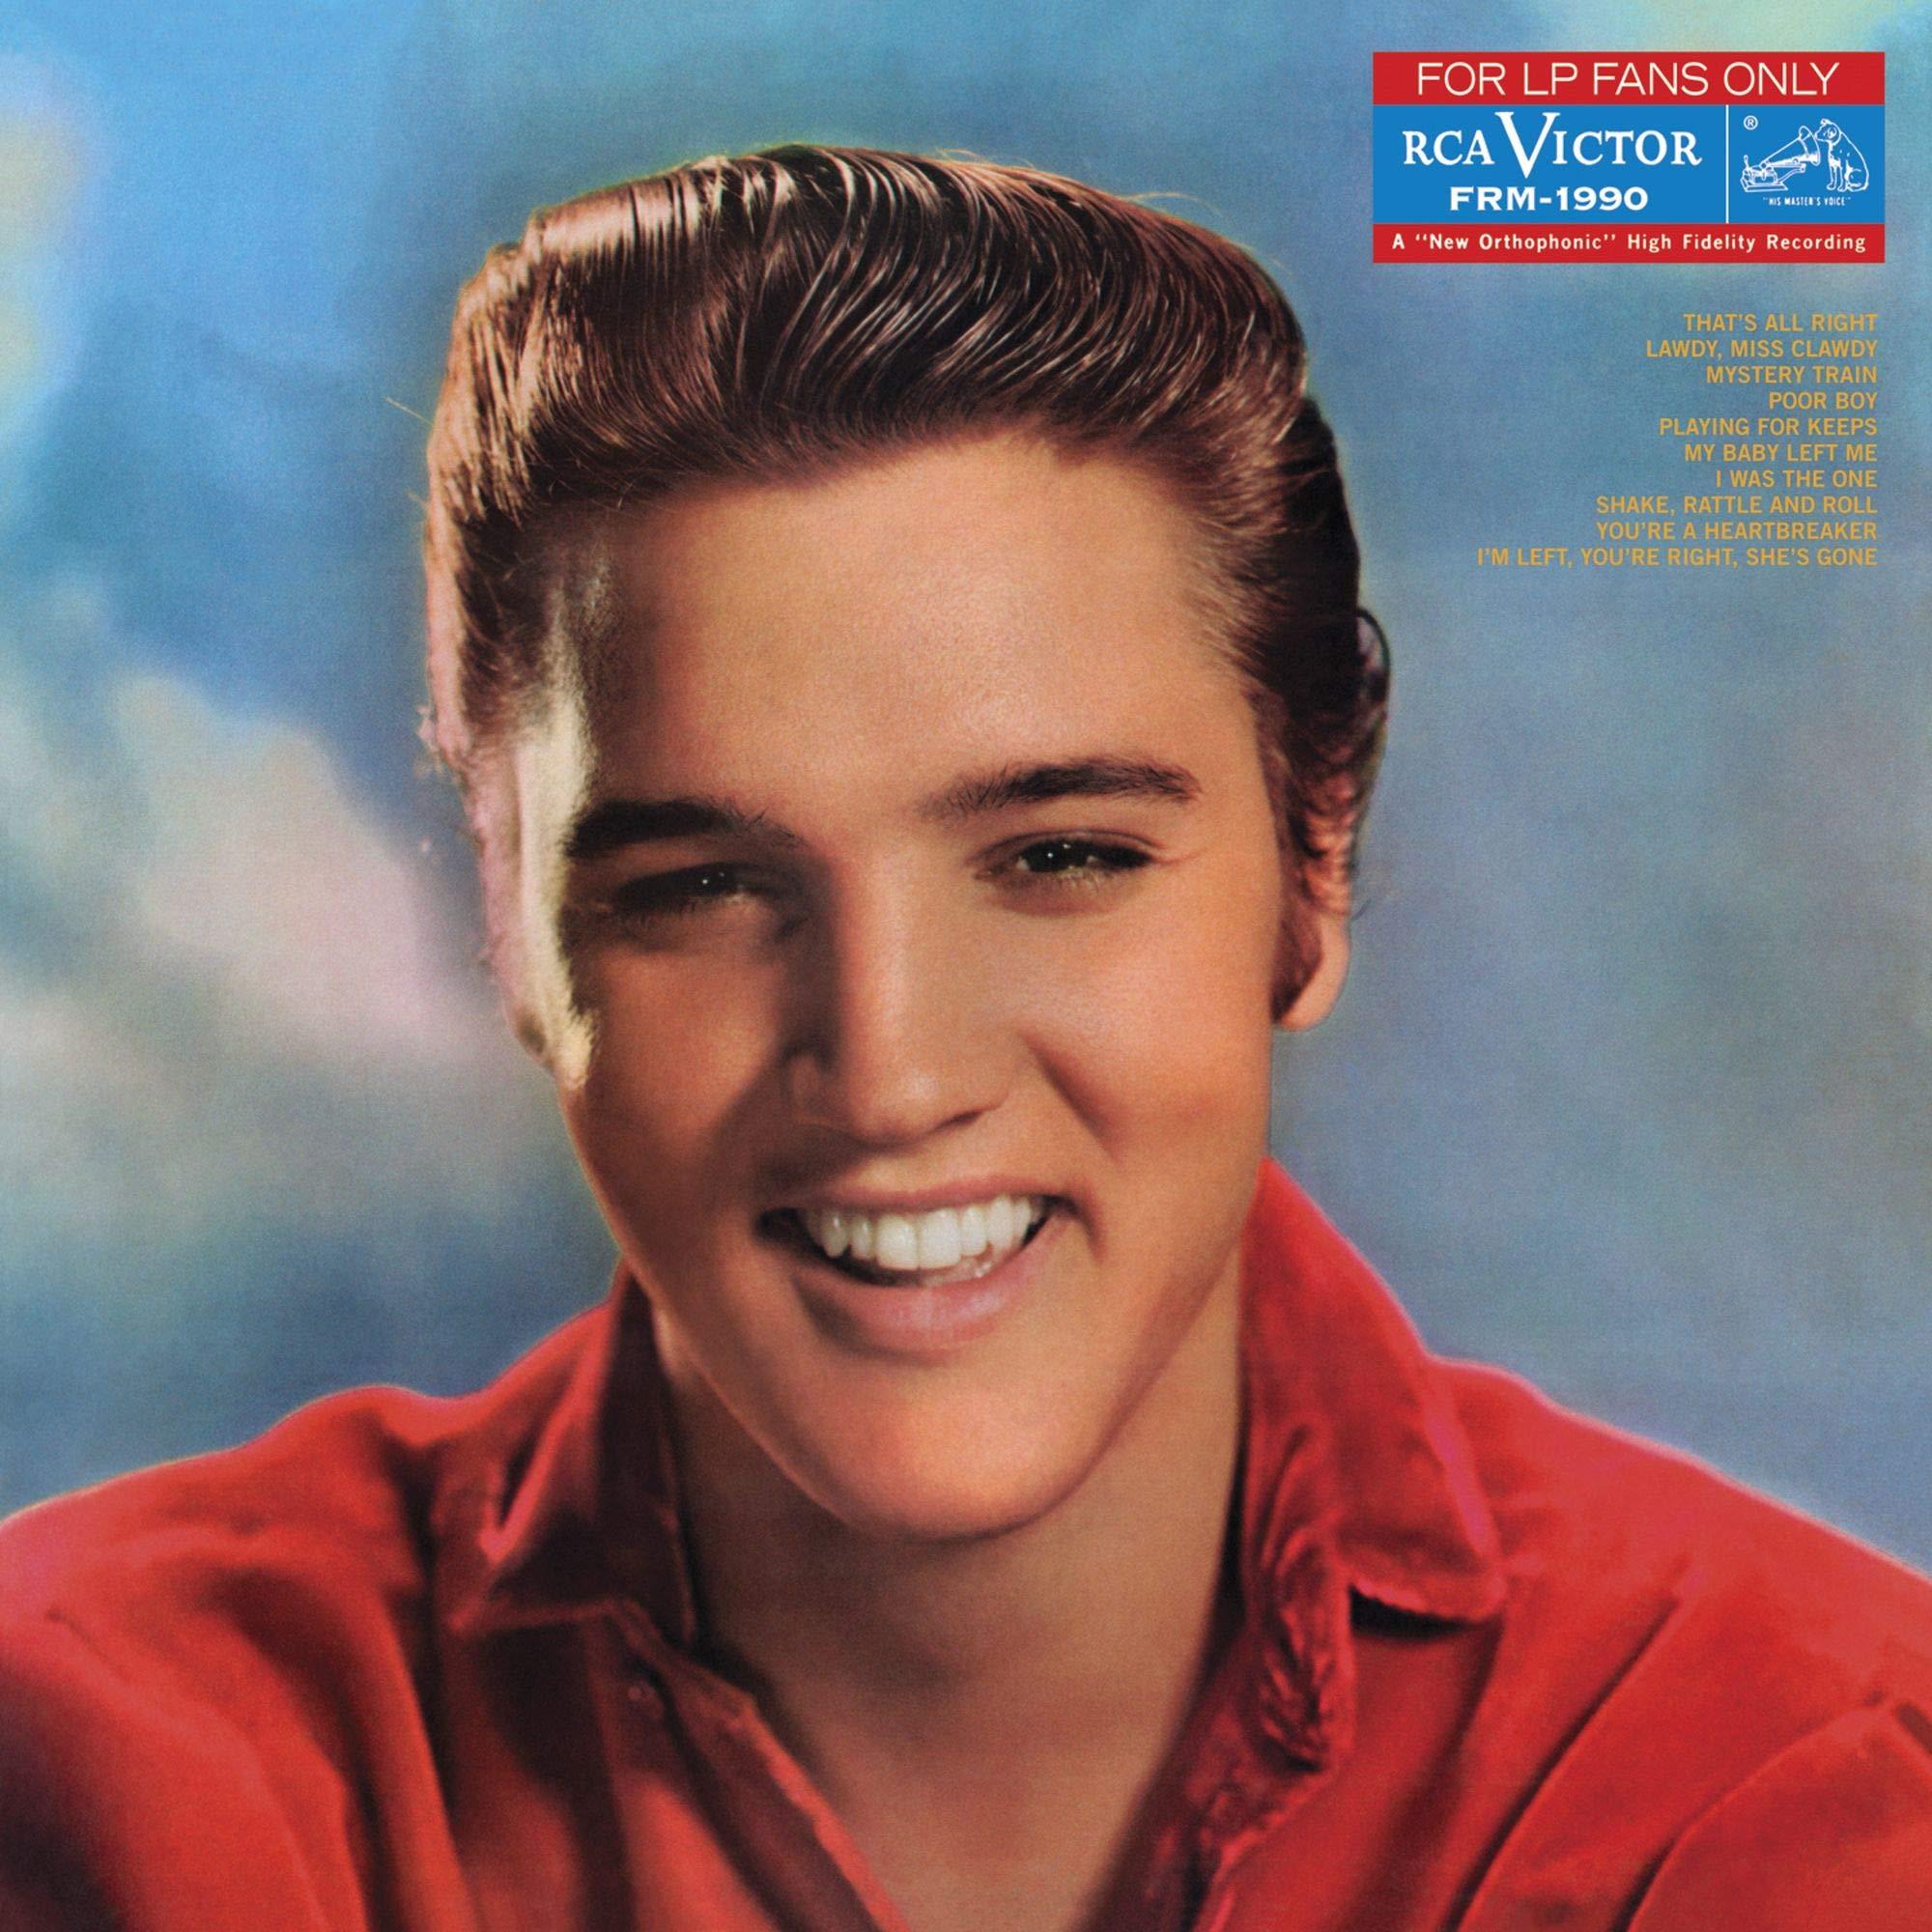 Vinilo : Elvis Presley - For Lp Fans Only (180 Gram Vinyl, Gatefold LP Jacket, Limited Edition, Audiophile, Colored Vinyl)